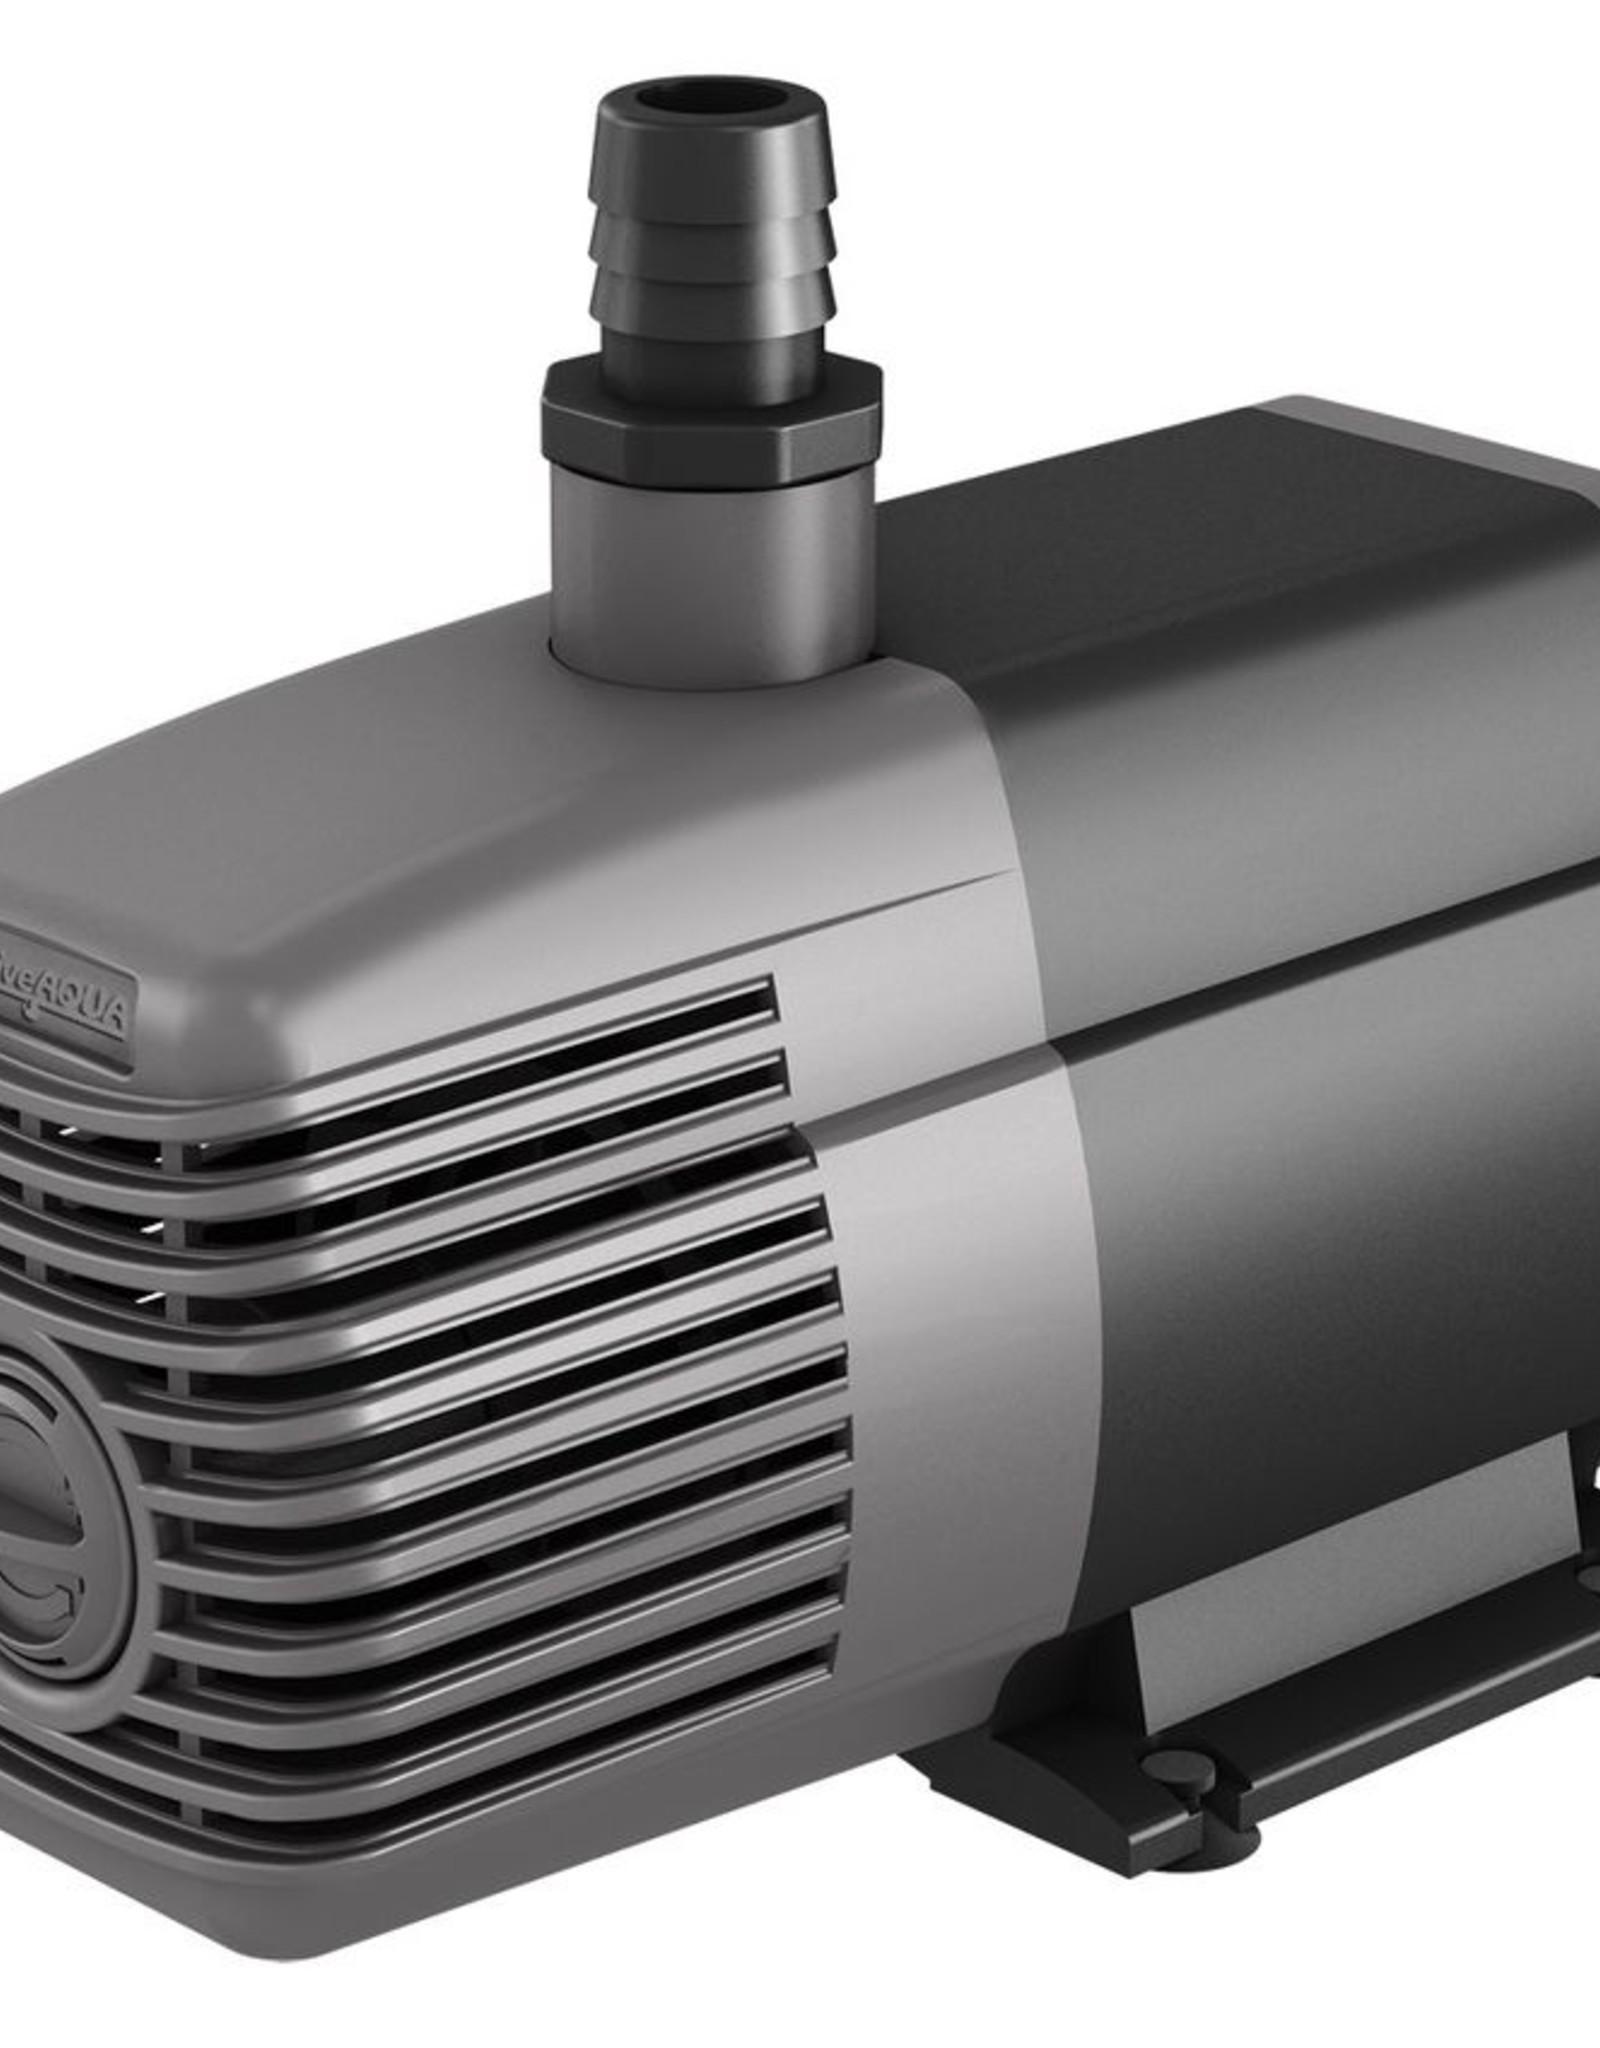 ACTIVE AQUA Active Aqua Submersible Water Pump, 1000 GPH